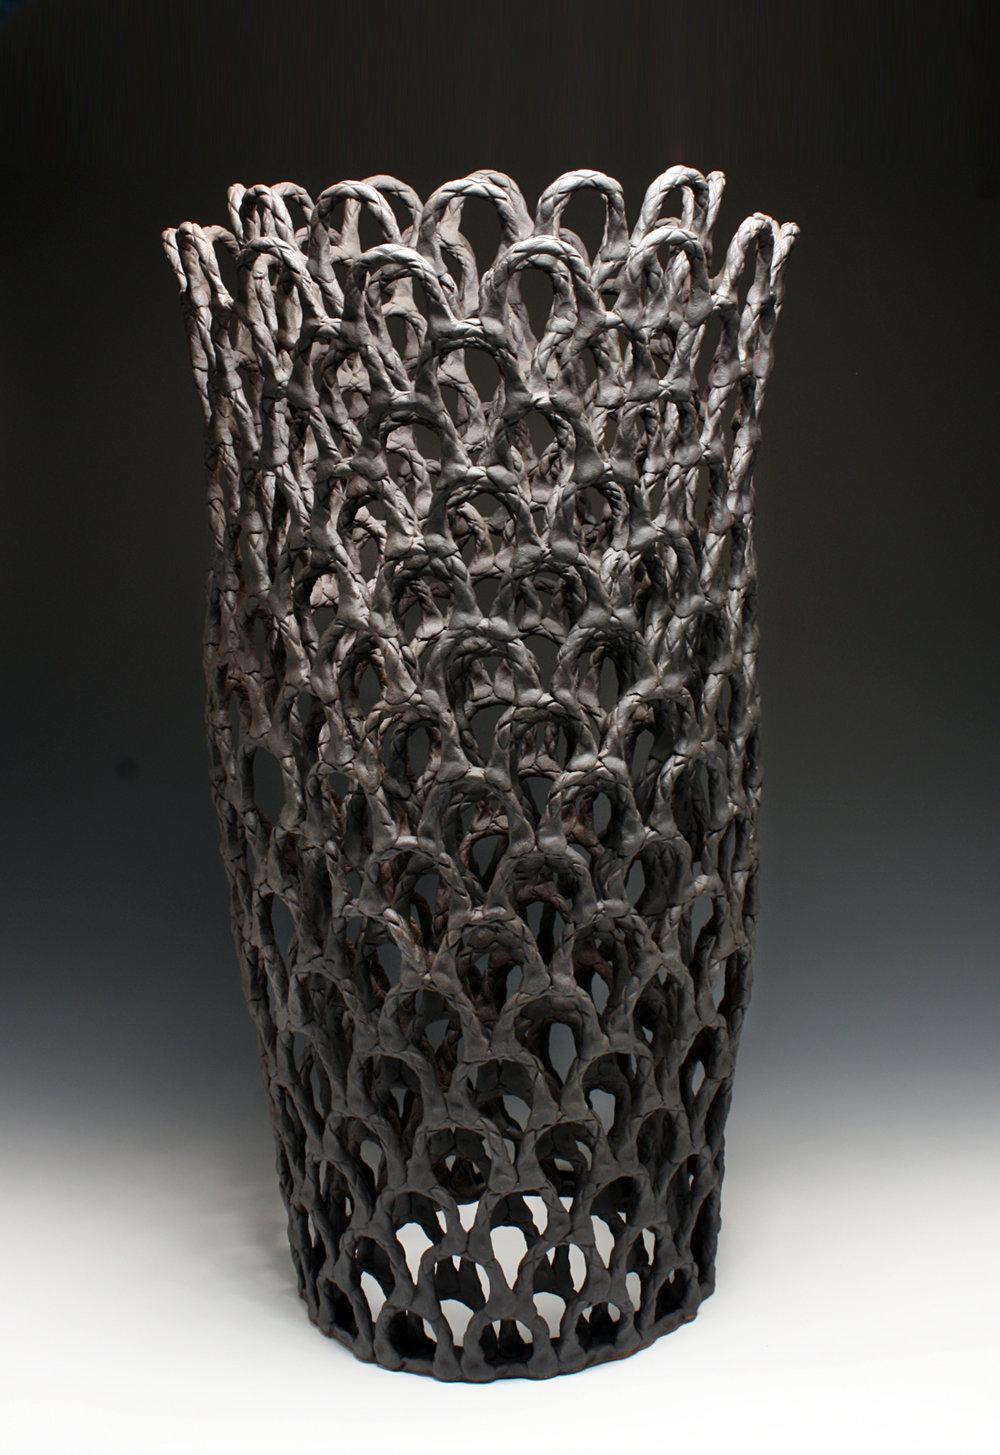 Tall Vessel Form, 106h x 43w x 43d cm